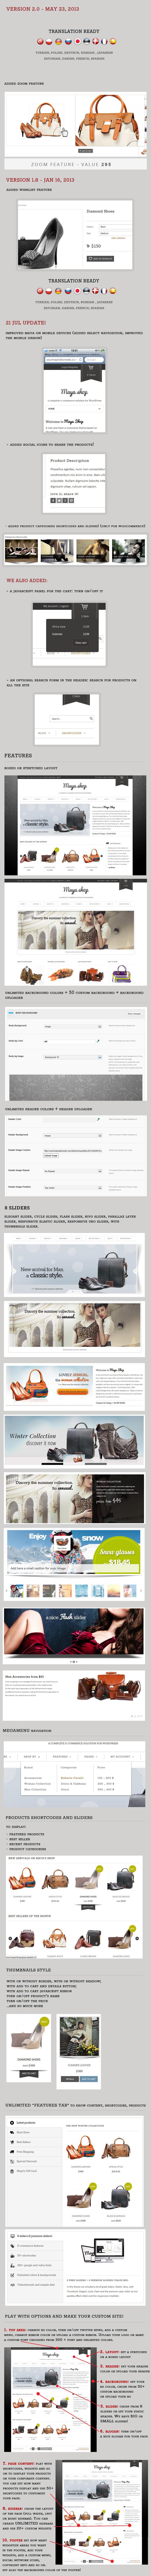 MayaShop - A Flexible Responsive e-Commerce Theme - 2